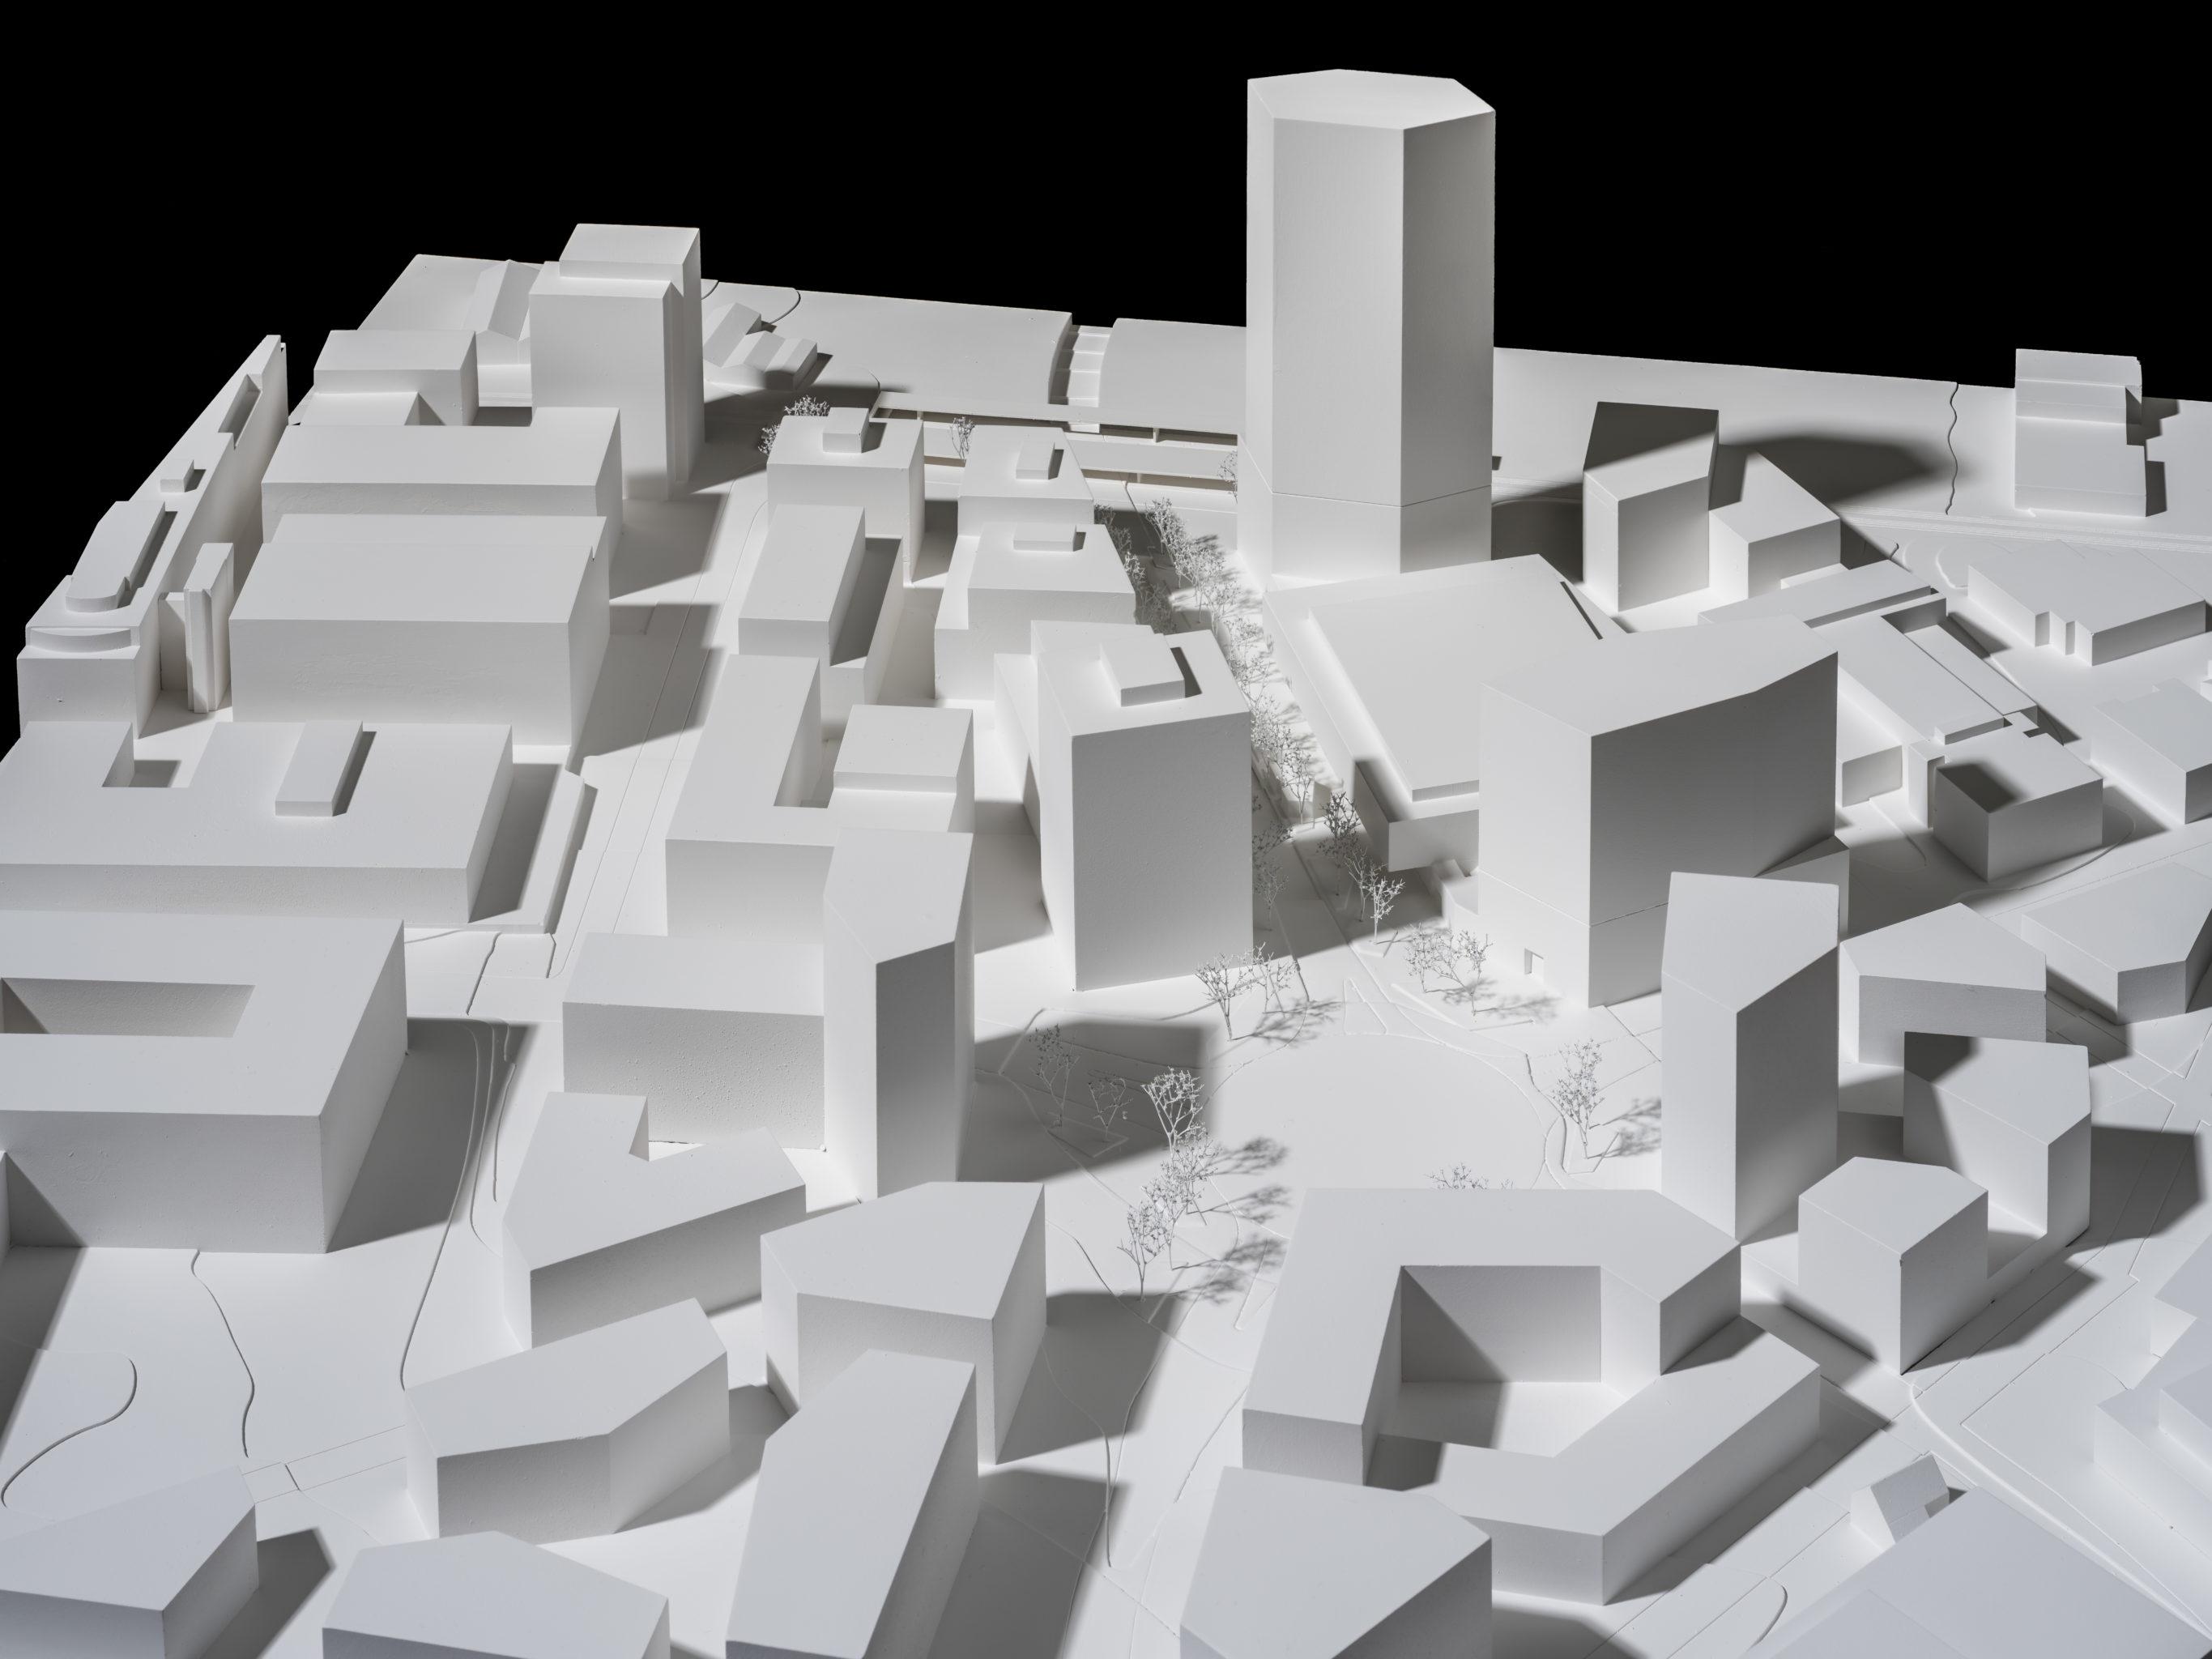 Modell der Pilatus Arena Kriens des Teams giuliani.hönger dipl. architekten